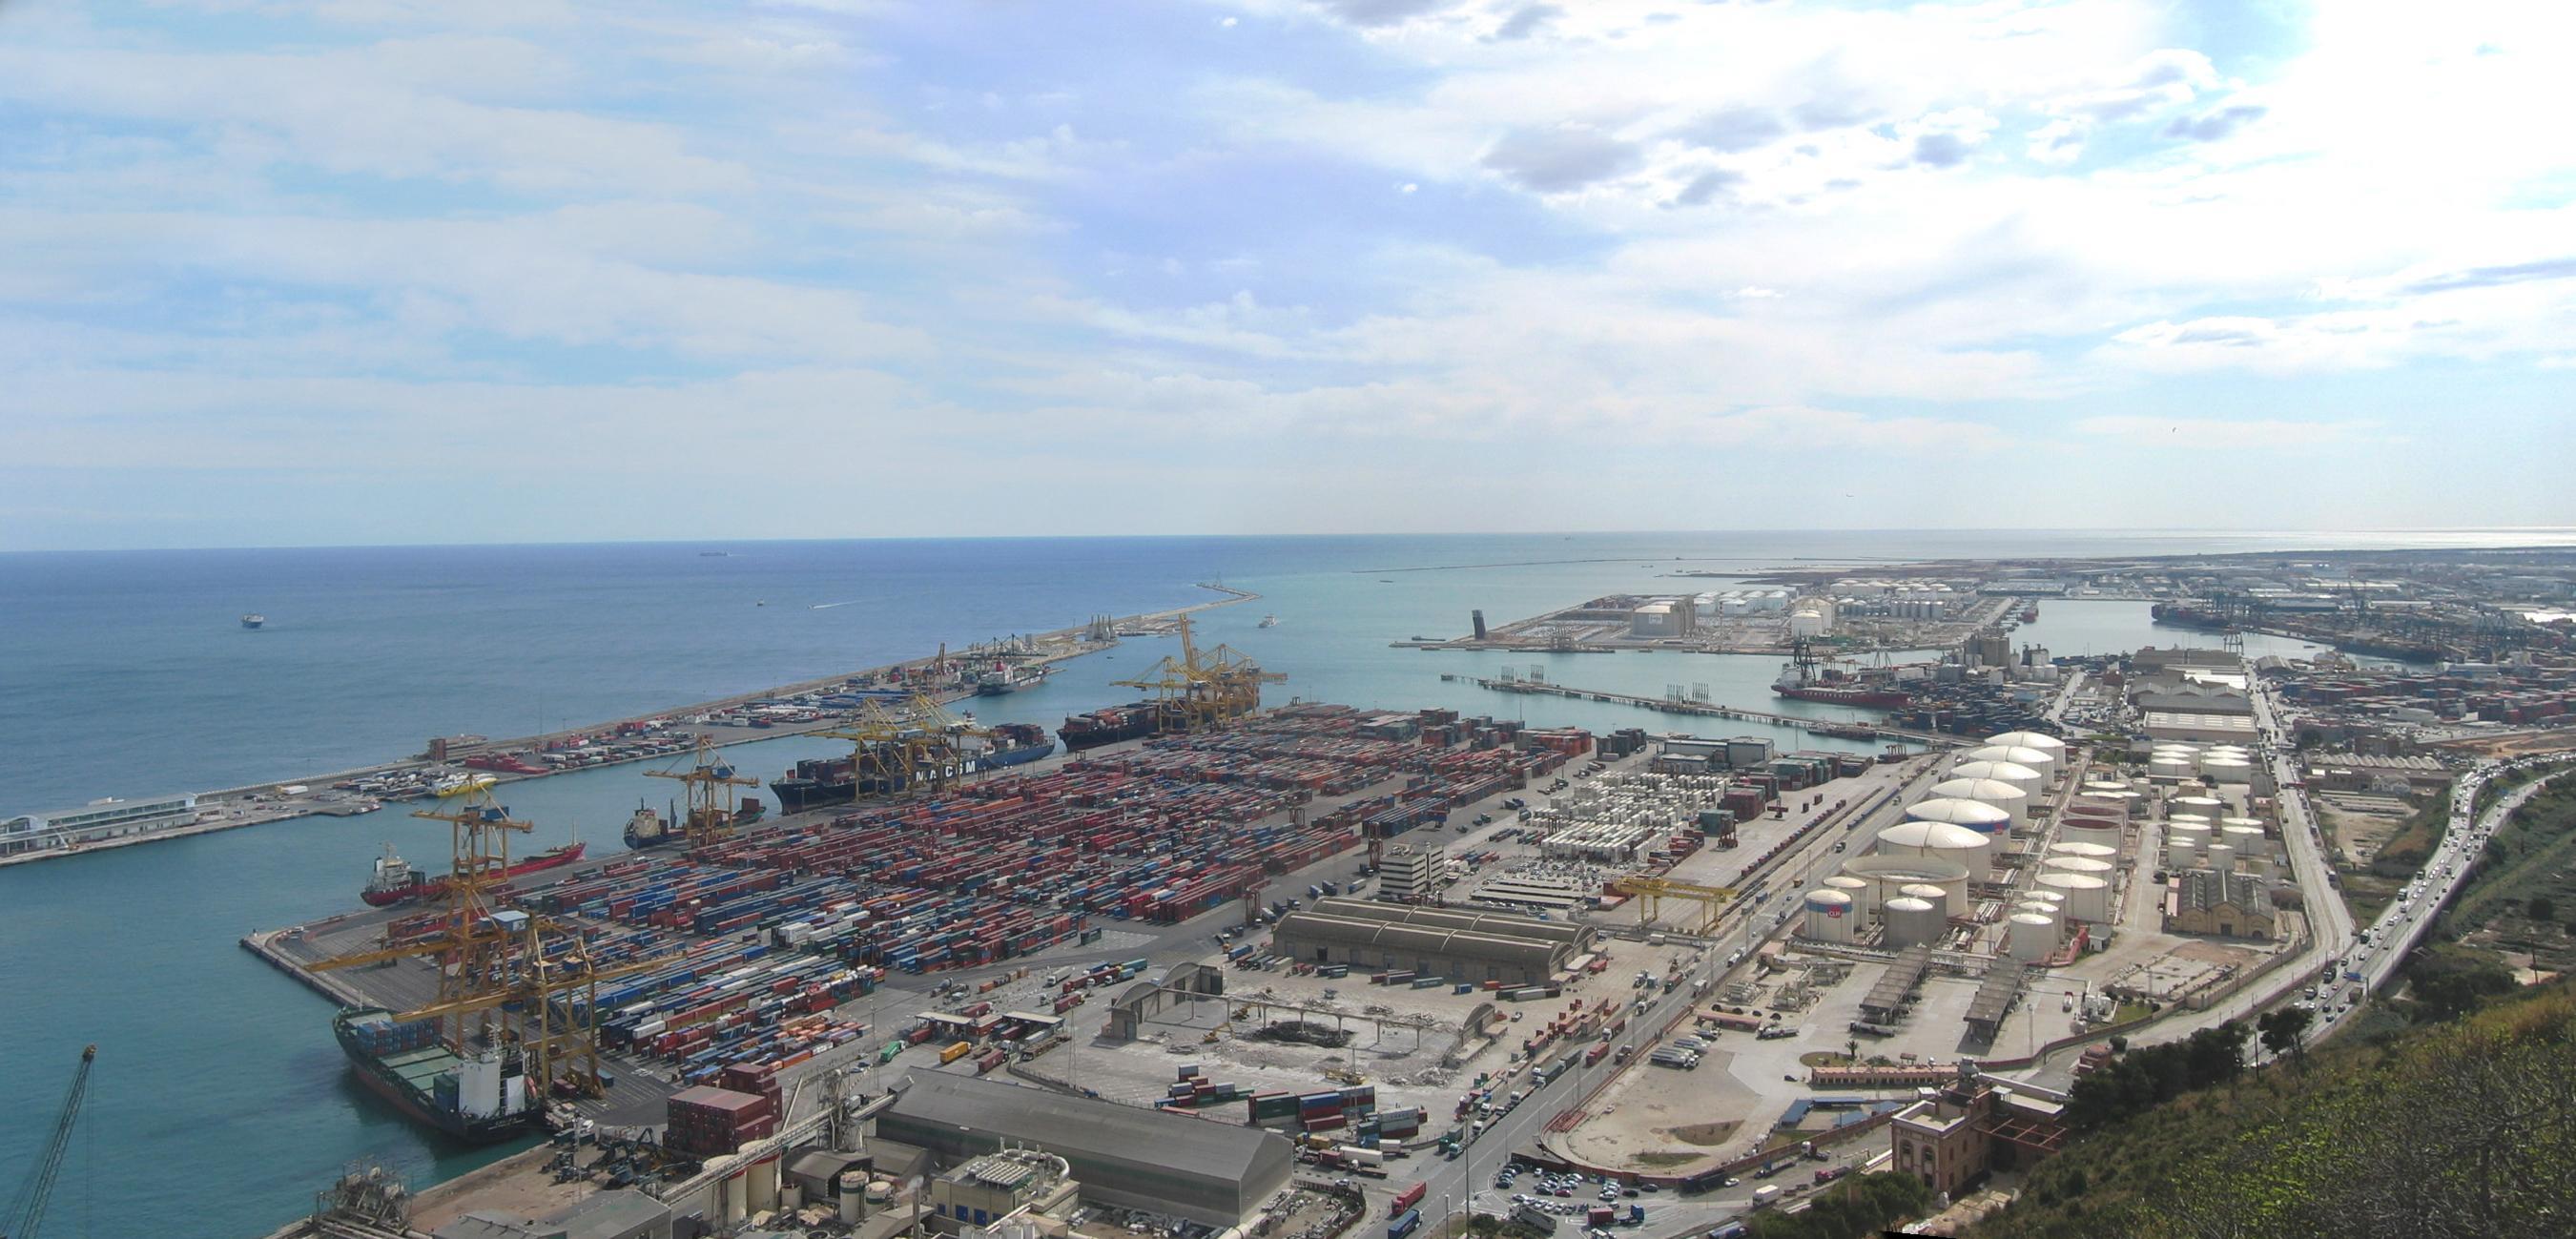 El Port de Barcelona estará presente en la Seatrade Cruise Med